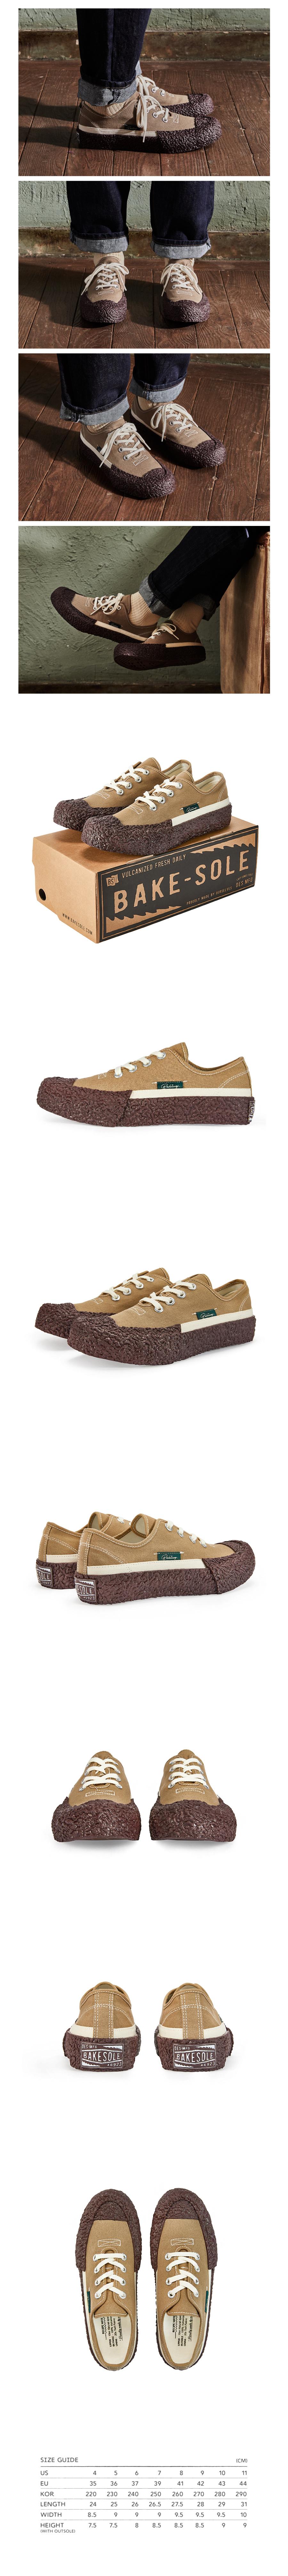 베이크솔(BAKE-SOLE) 크러스트 CRUST Wood_Redbean